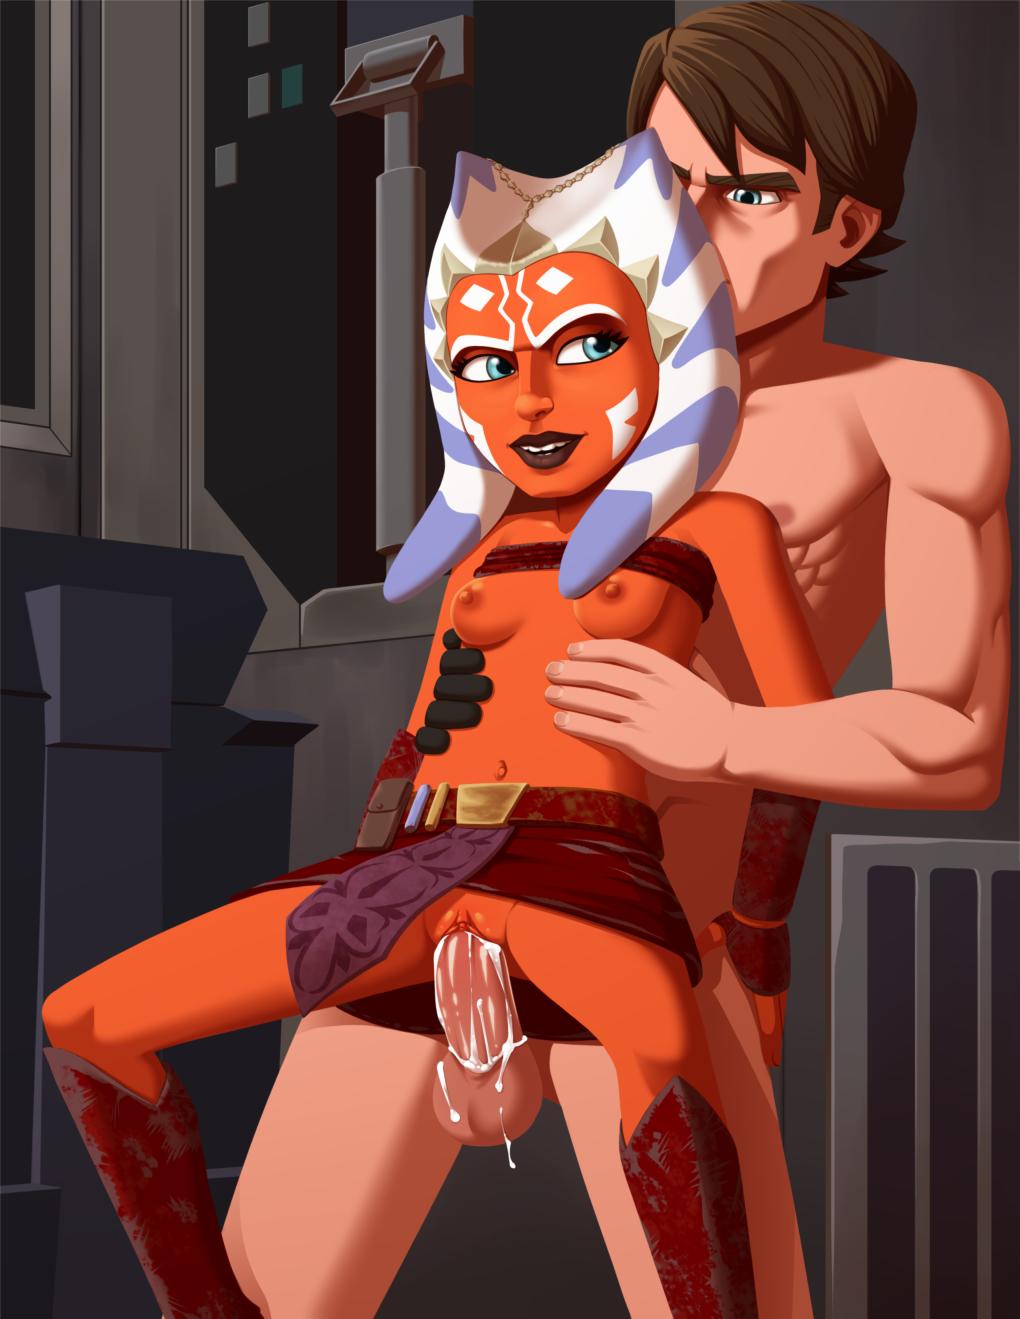 Sexy ahsoka nackt